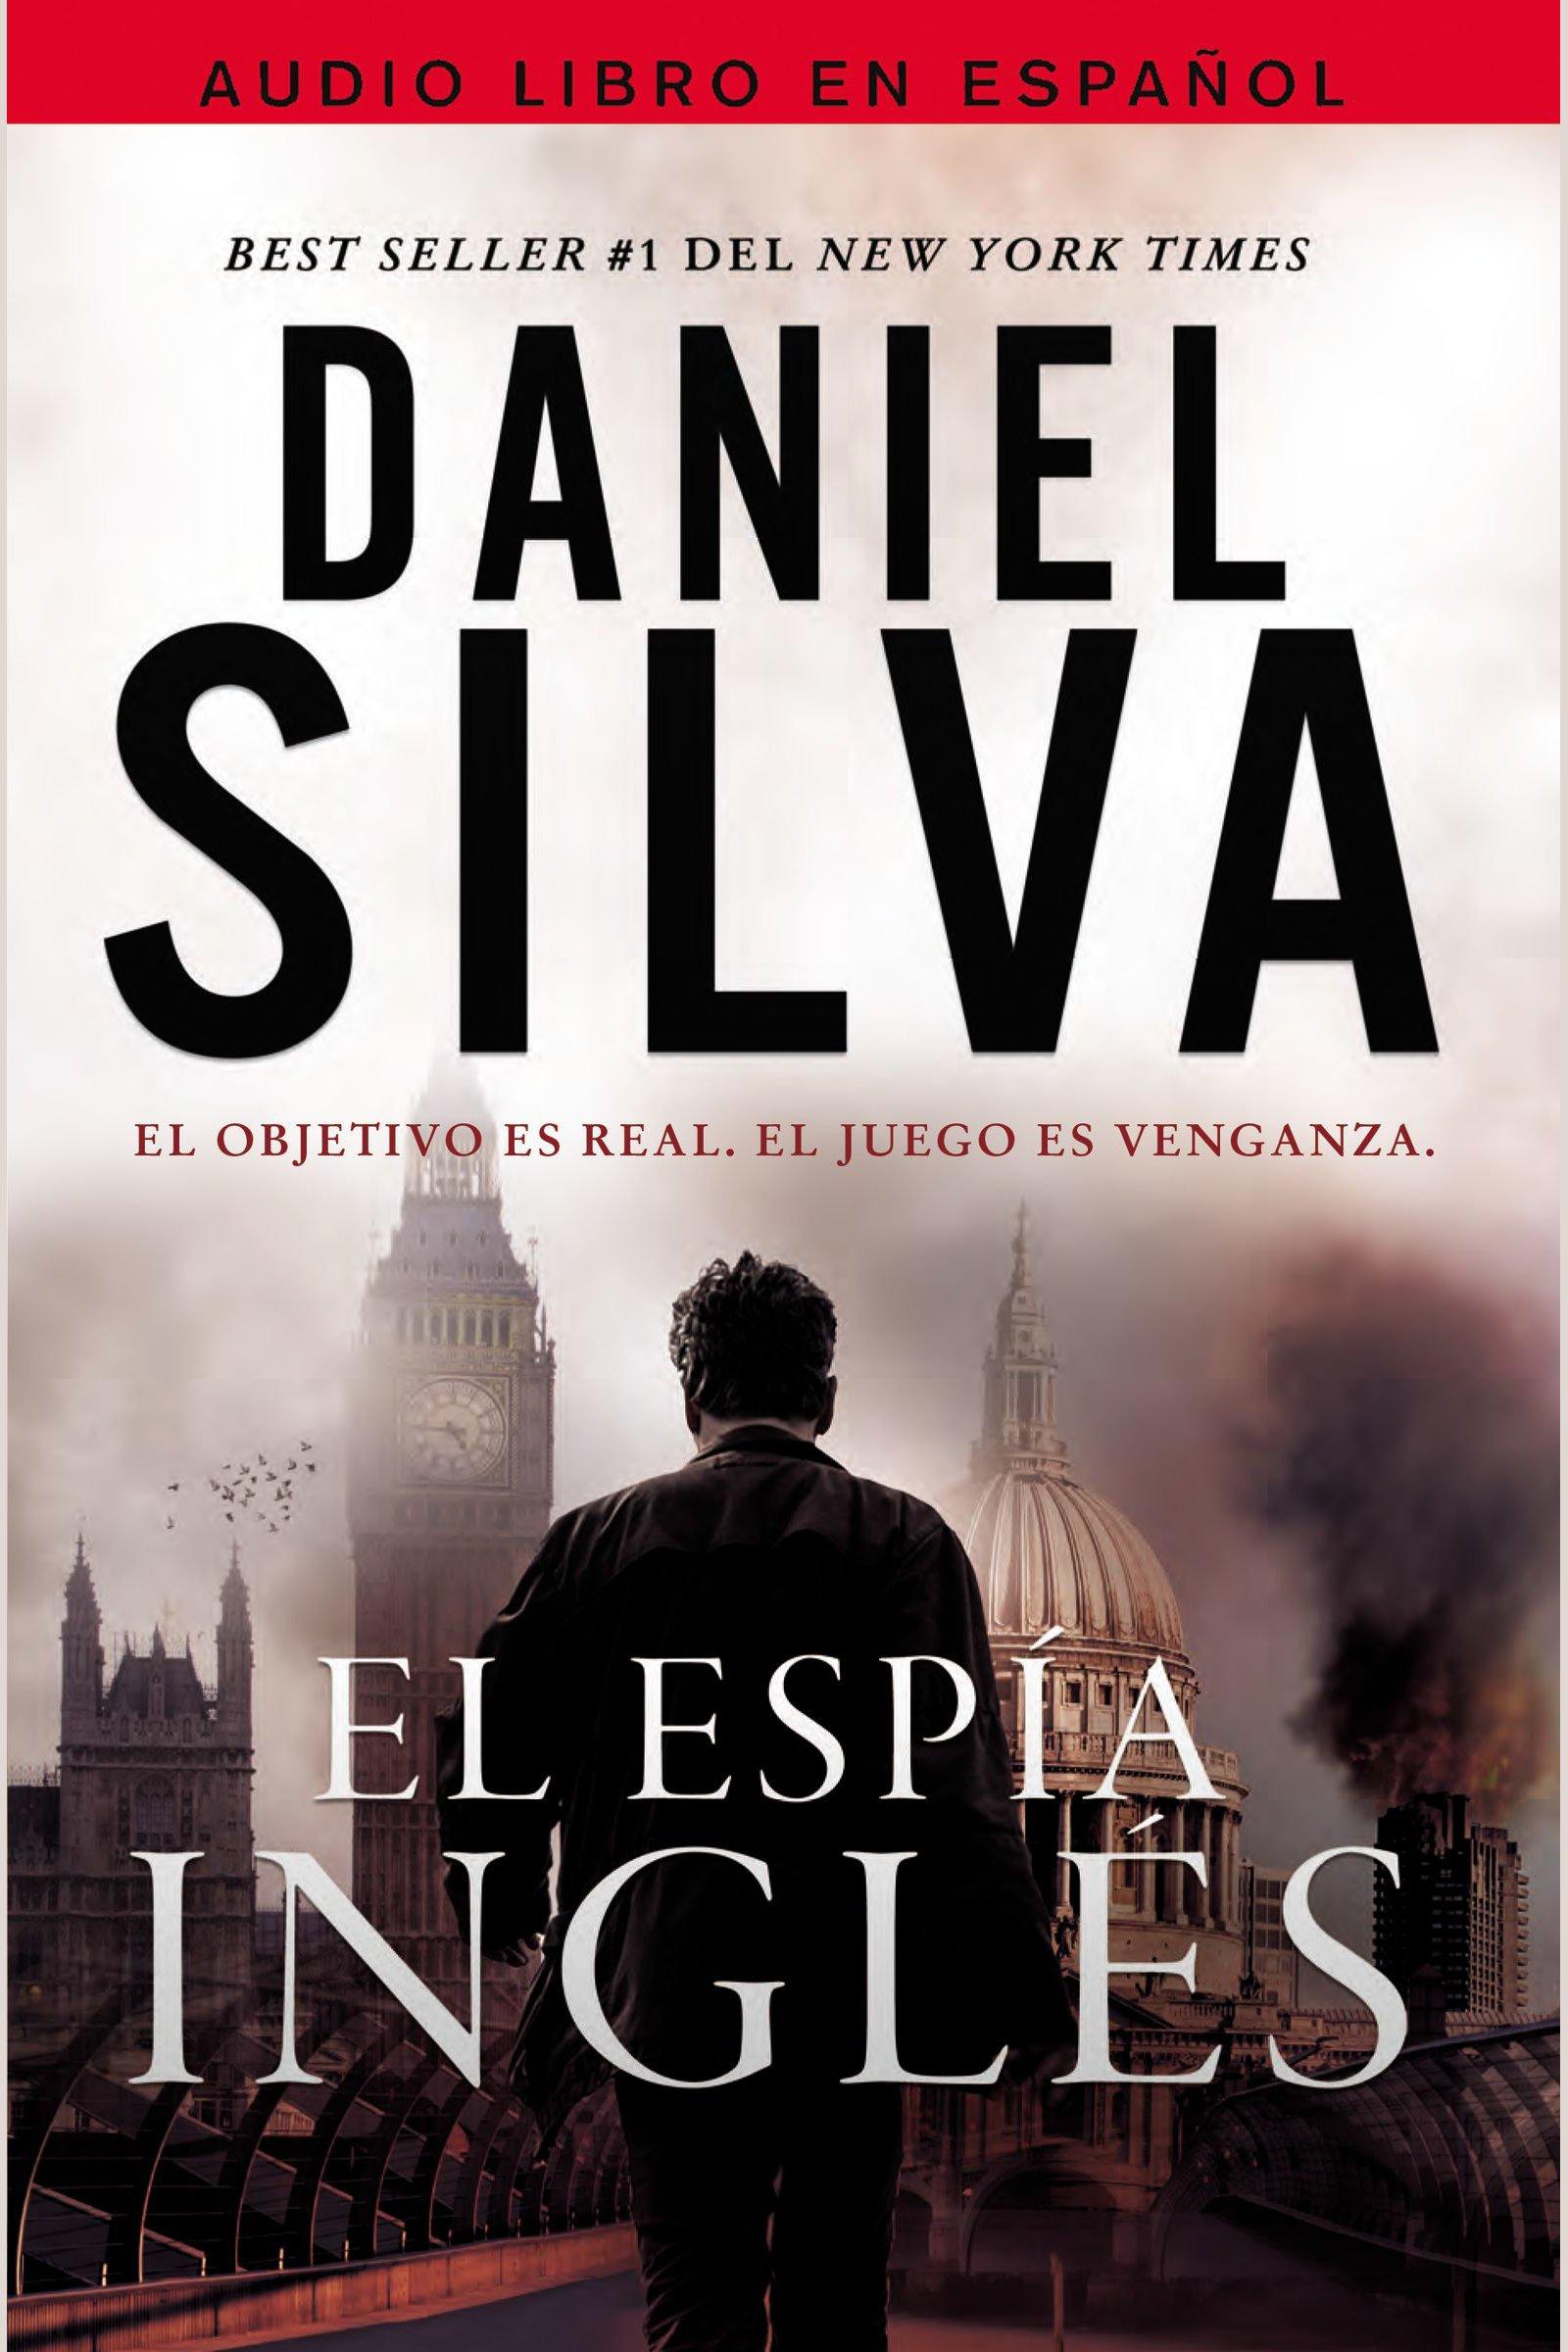 El espía inglés cover image